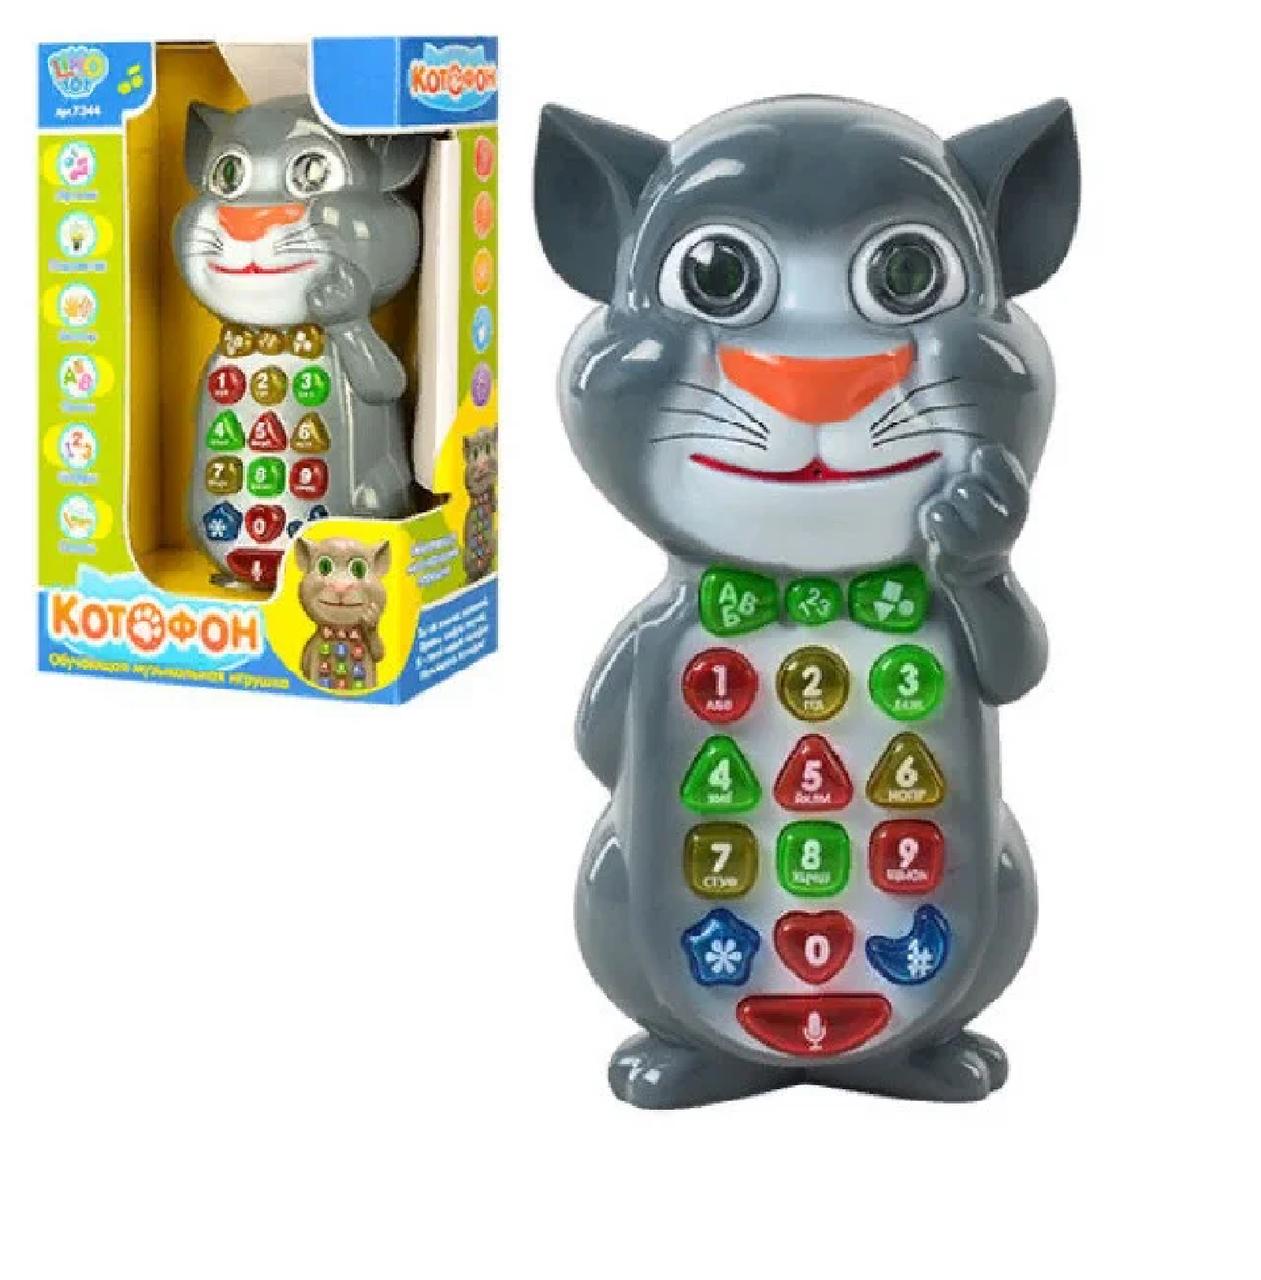 Інтерактивний телефон Limo Toy Котофон (7344)